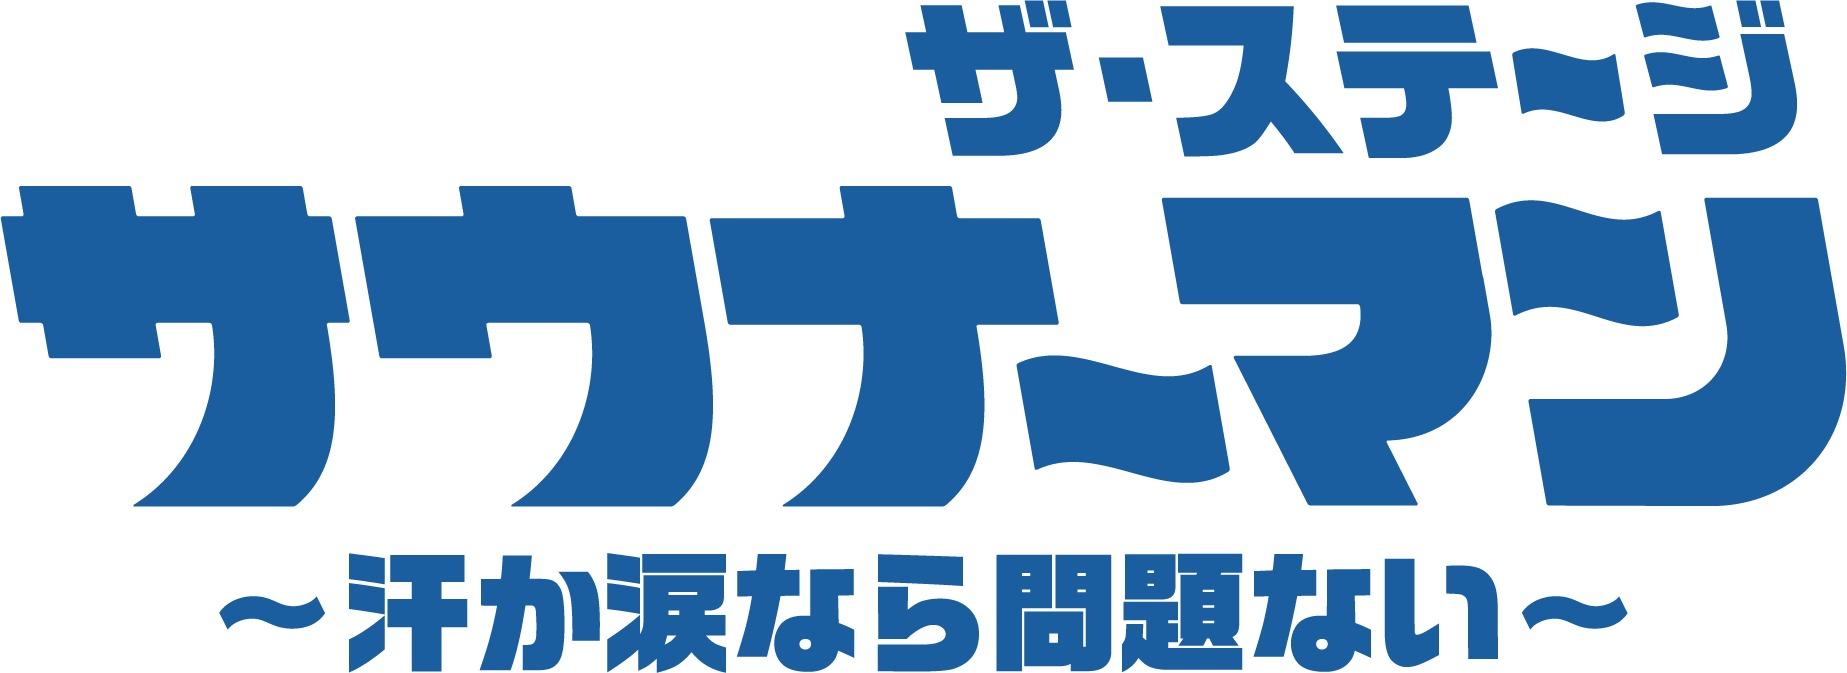 (C)「サウナーマン ザ・ステージ 〜汗か涙なら問題ない〜」製作委員会